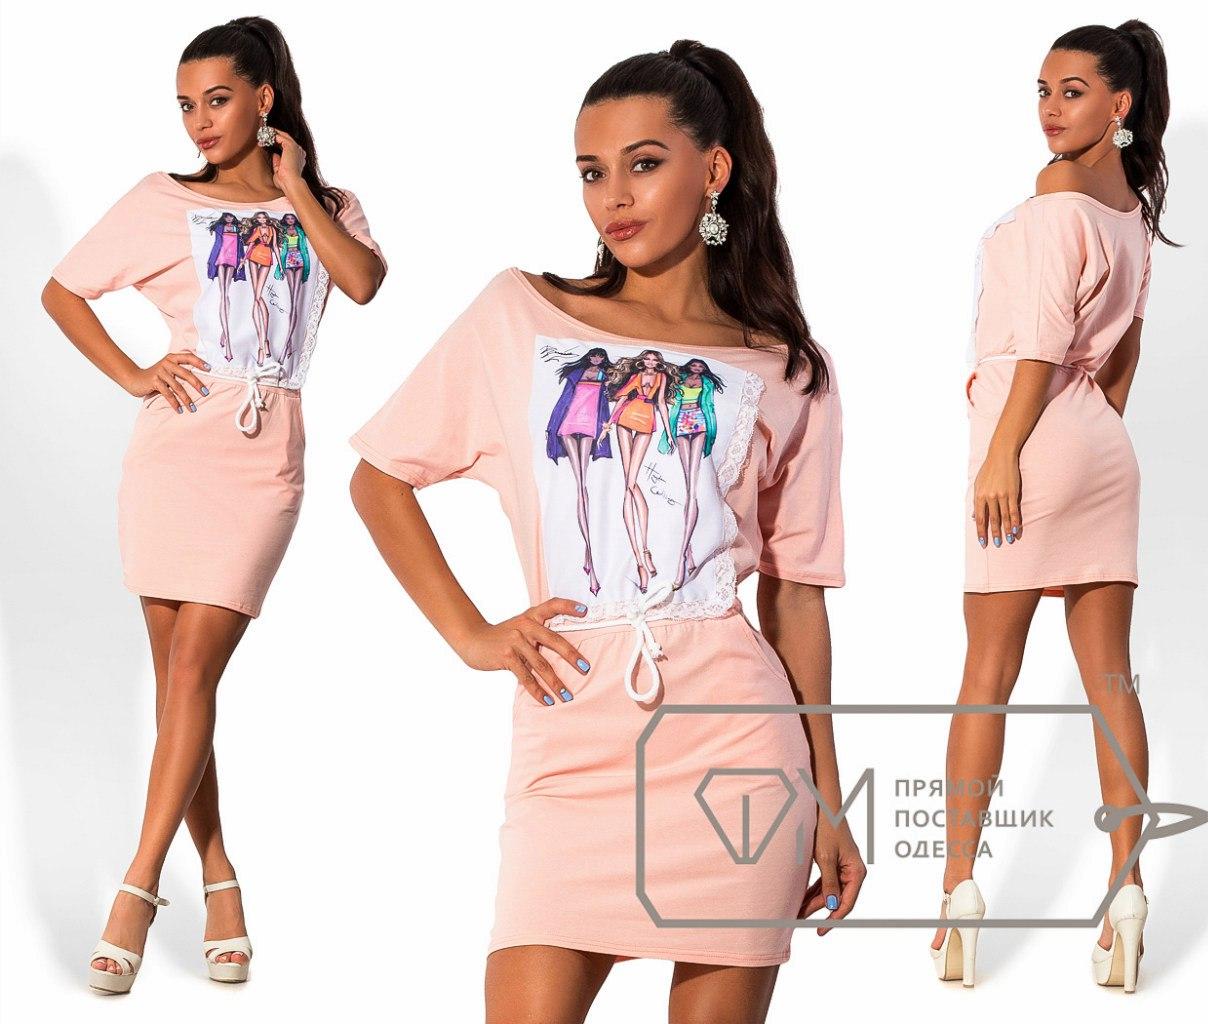 Модная Одежда Одесса